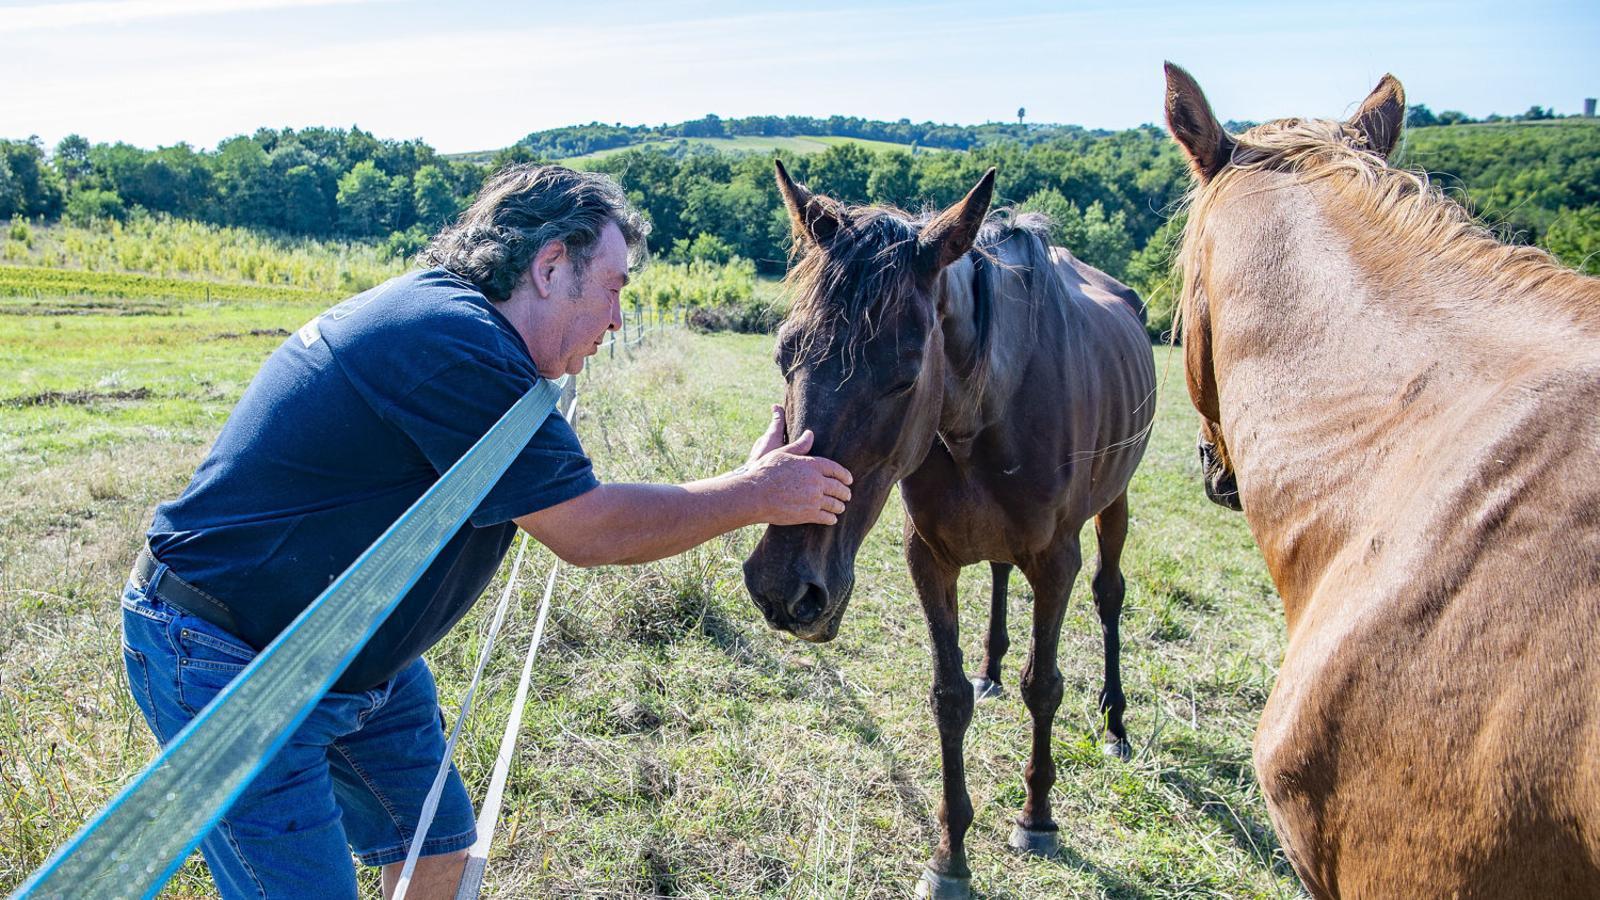 Un granger acaronant un cavall a qui uns desconeguts van intentar tallar-li la caròtida.